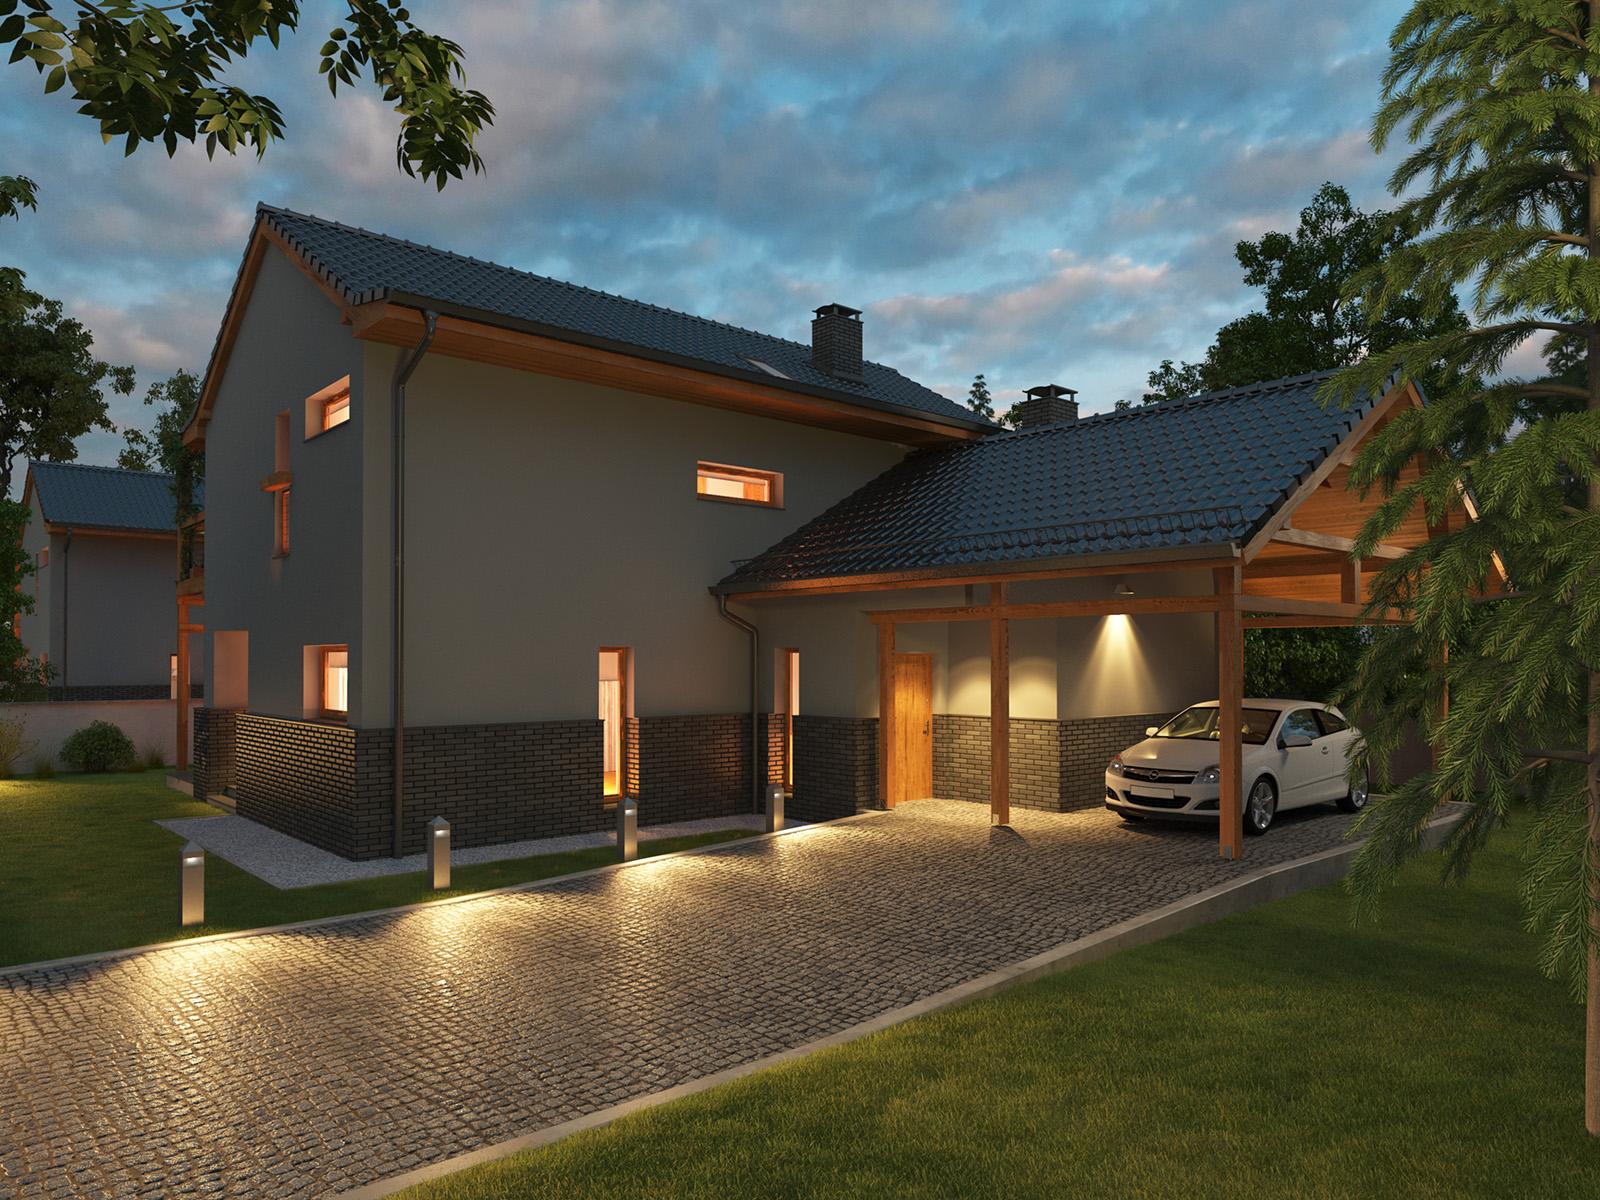 Projekt domu BALKONOWY Domy Czystej Energii widok od frontu